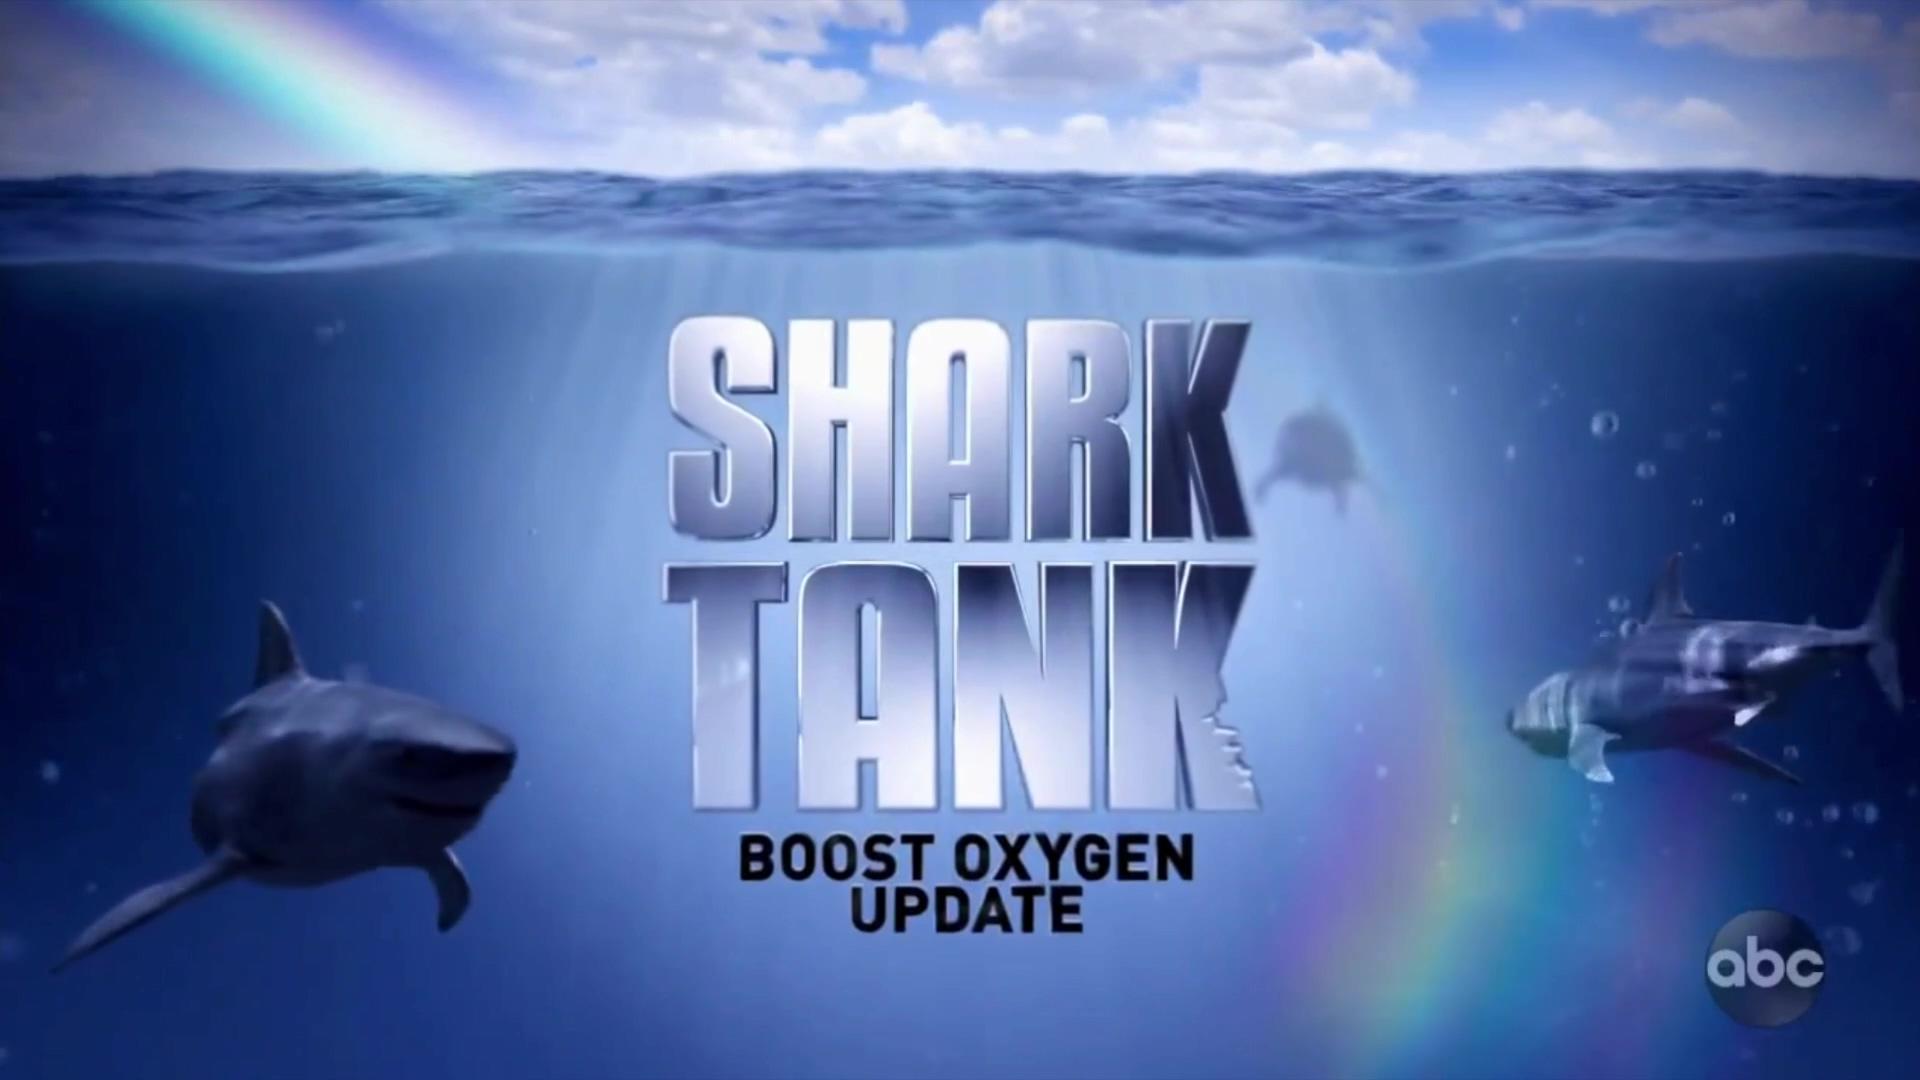 Shark Tank Boost Oxygen Update 2021